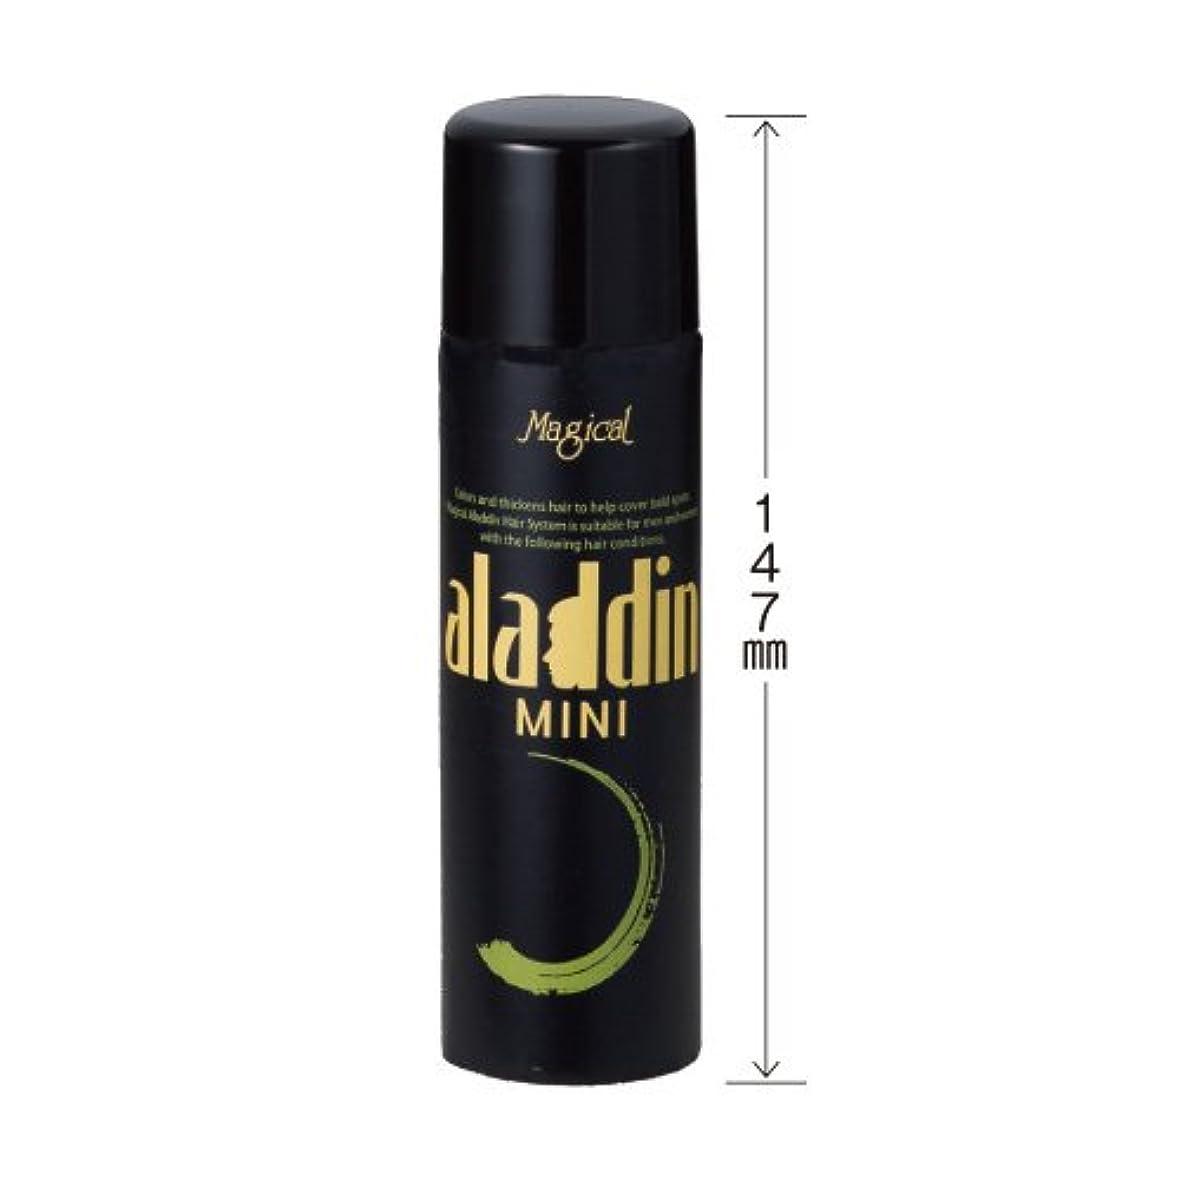 オピエート呼吸列挙するアラジンミニ 携帯用増毛スプレー60g